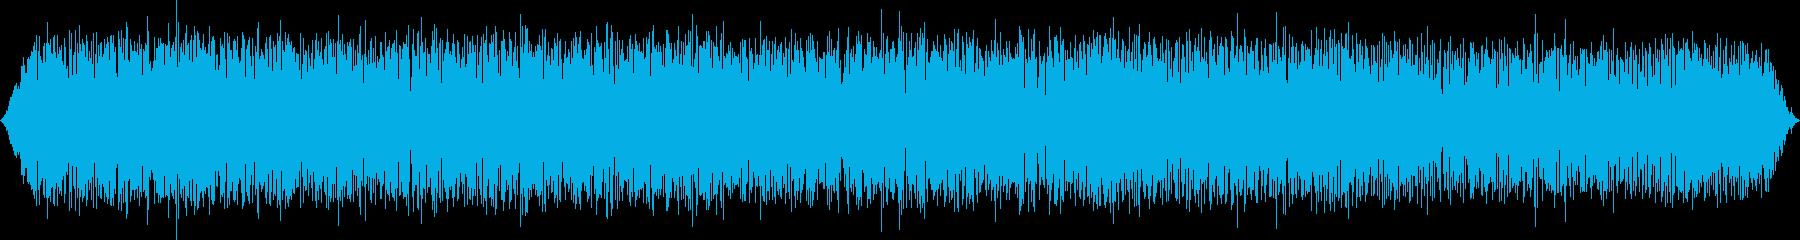 ダウン・スパウト:上げられたダウン...の再生済みの波形